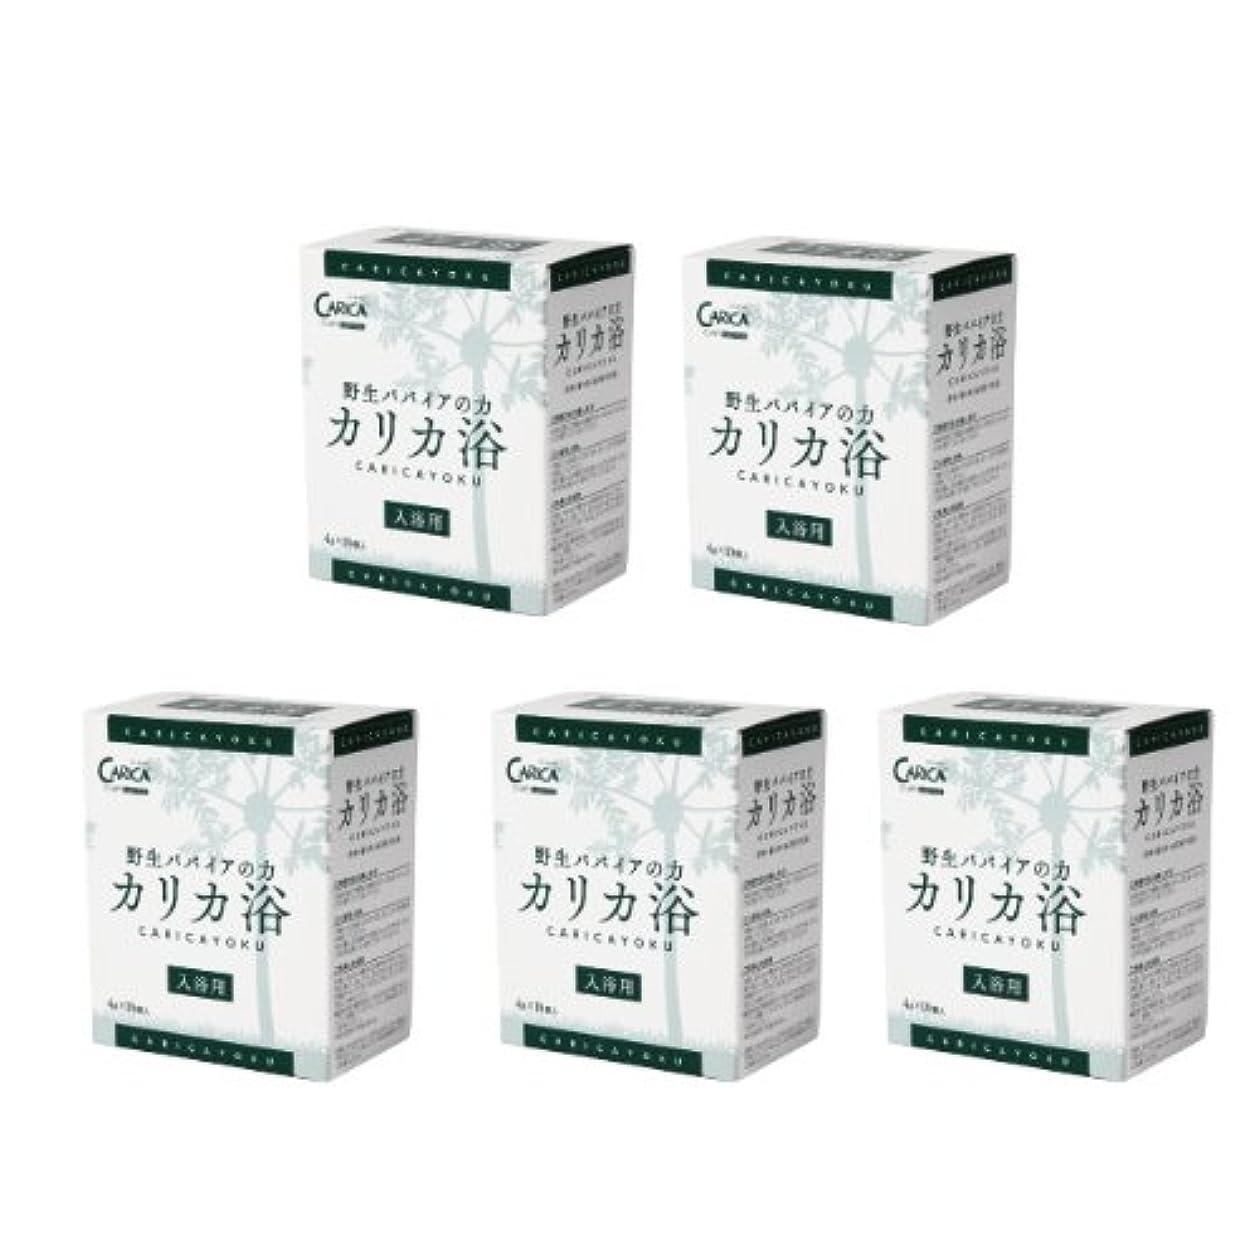 控える取り替えるサイドボードカリカ浴(4g x 10包) 5箱セット + おまけ(カリカ浴 5包付き)